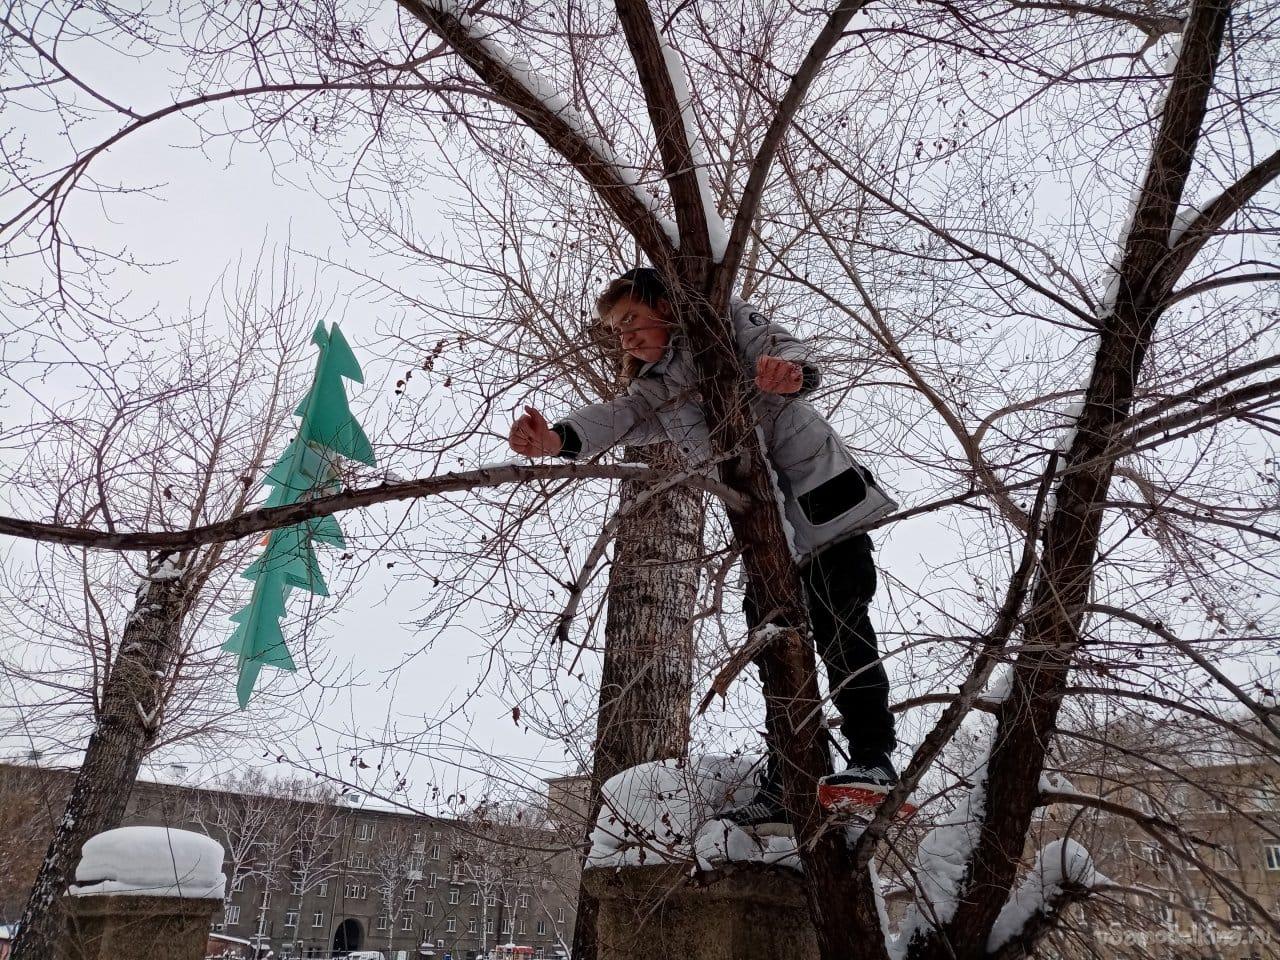 A parody of a Christmas tree